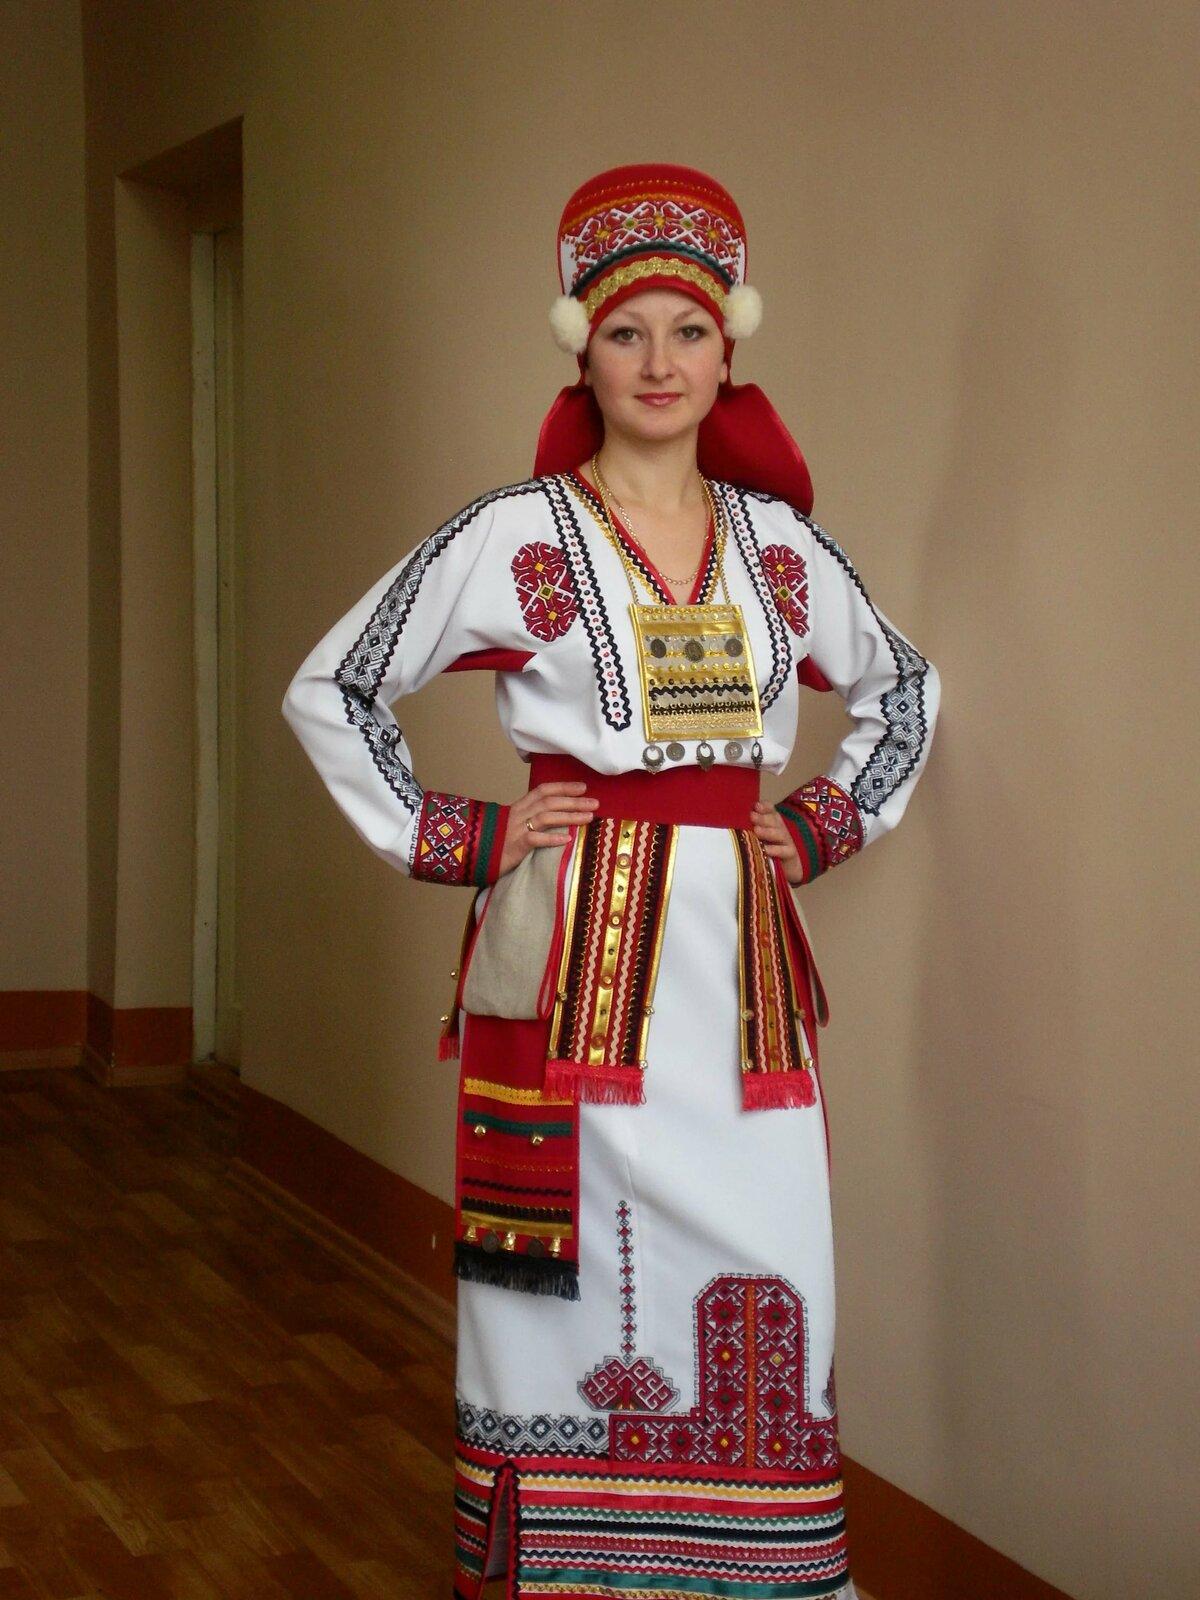 сложность заключается мордовский национальный костюм женский фото автомотриса